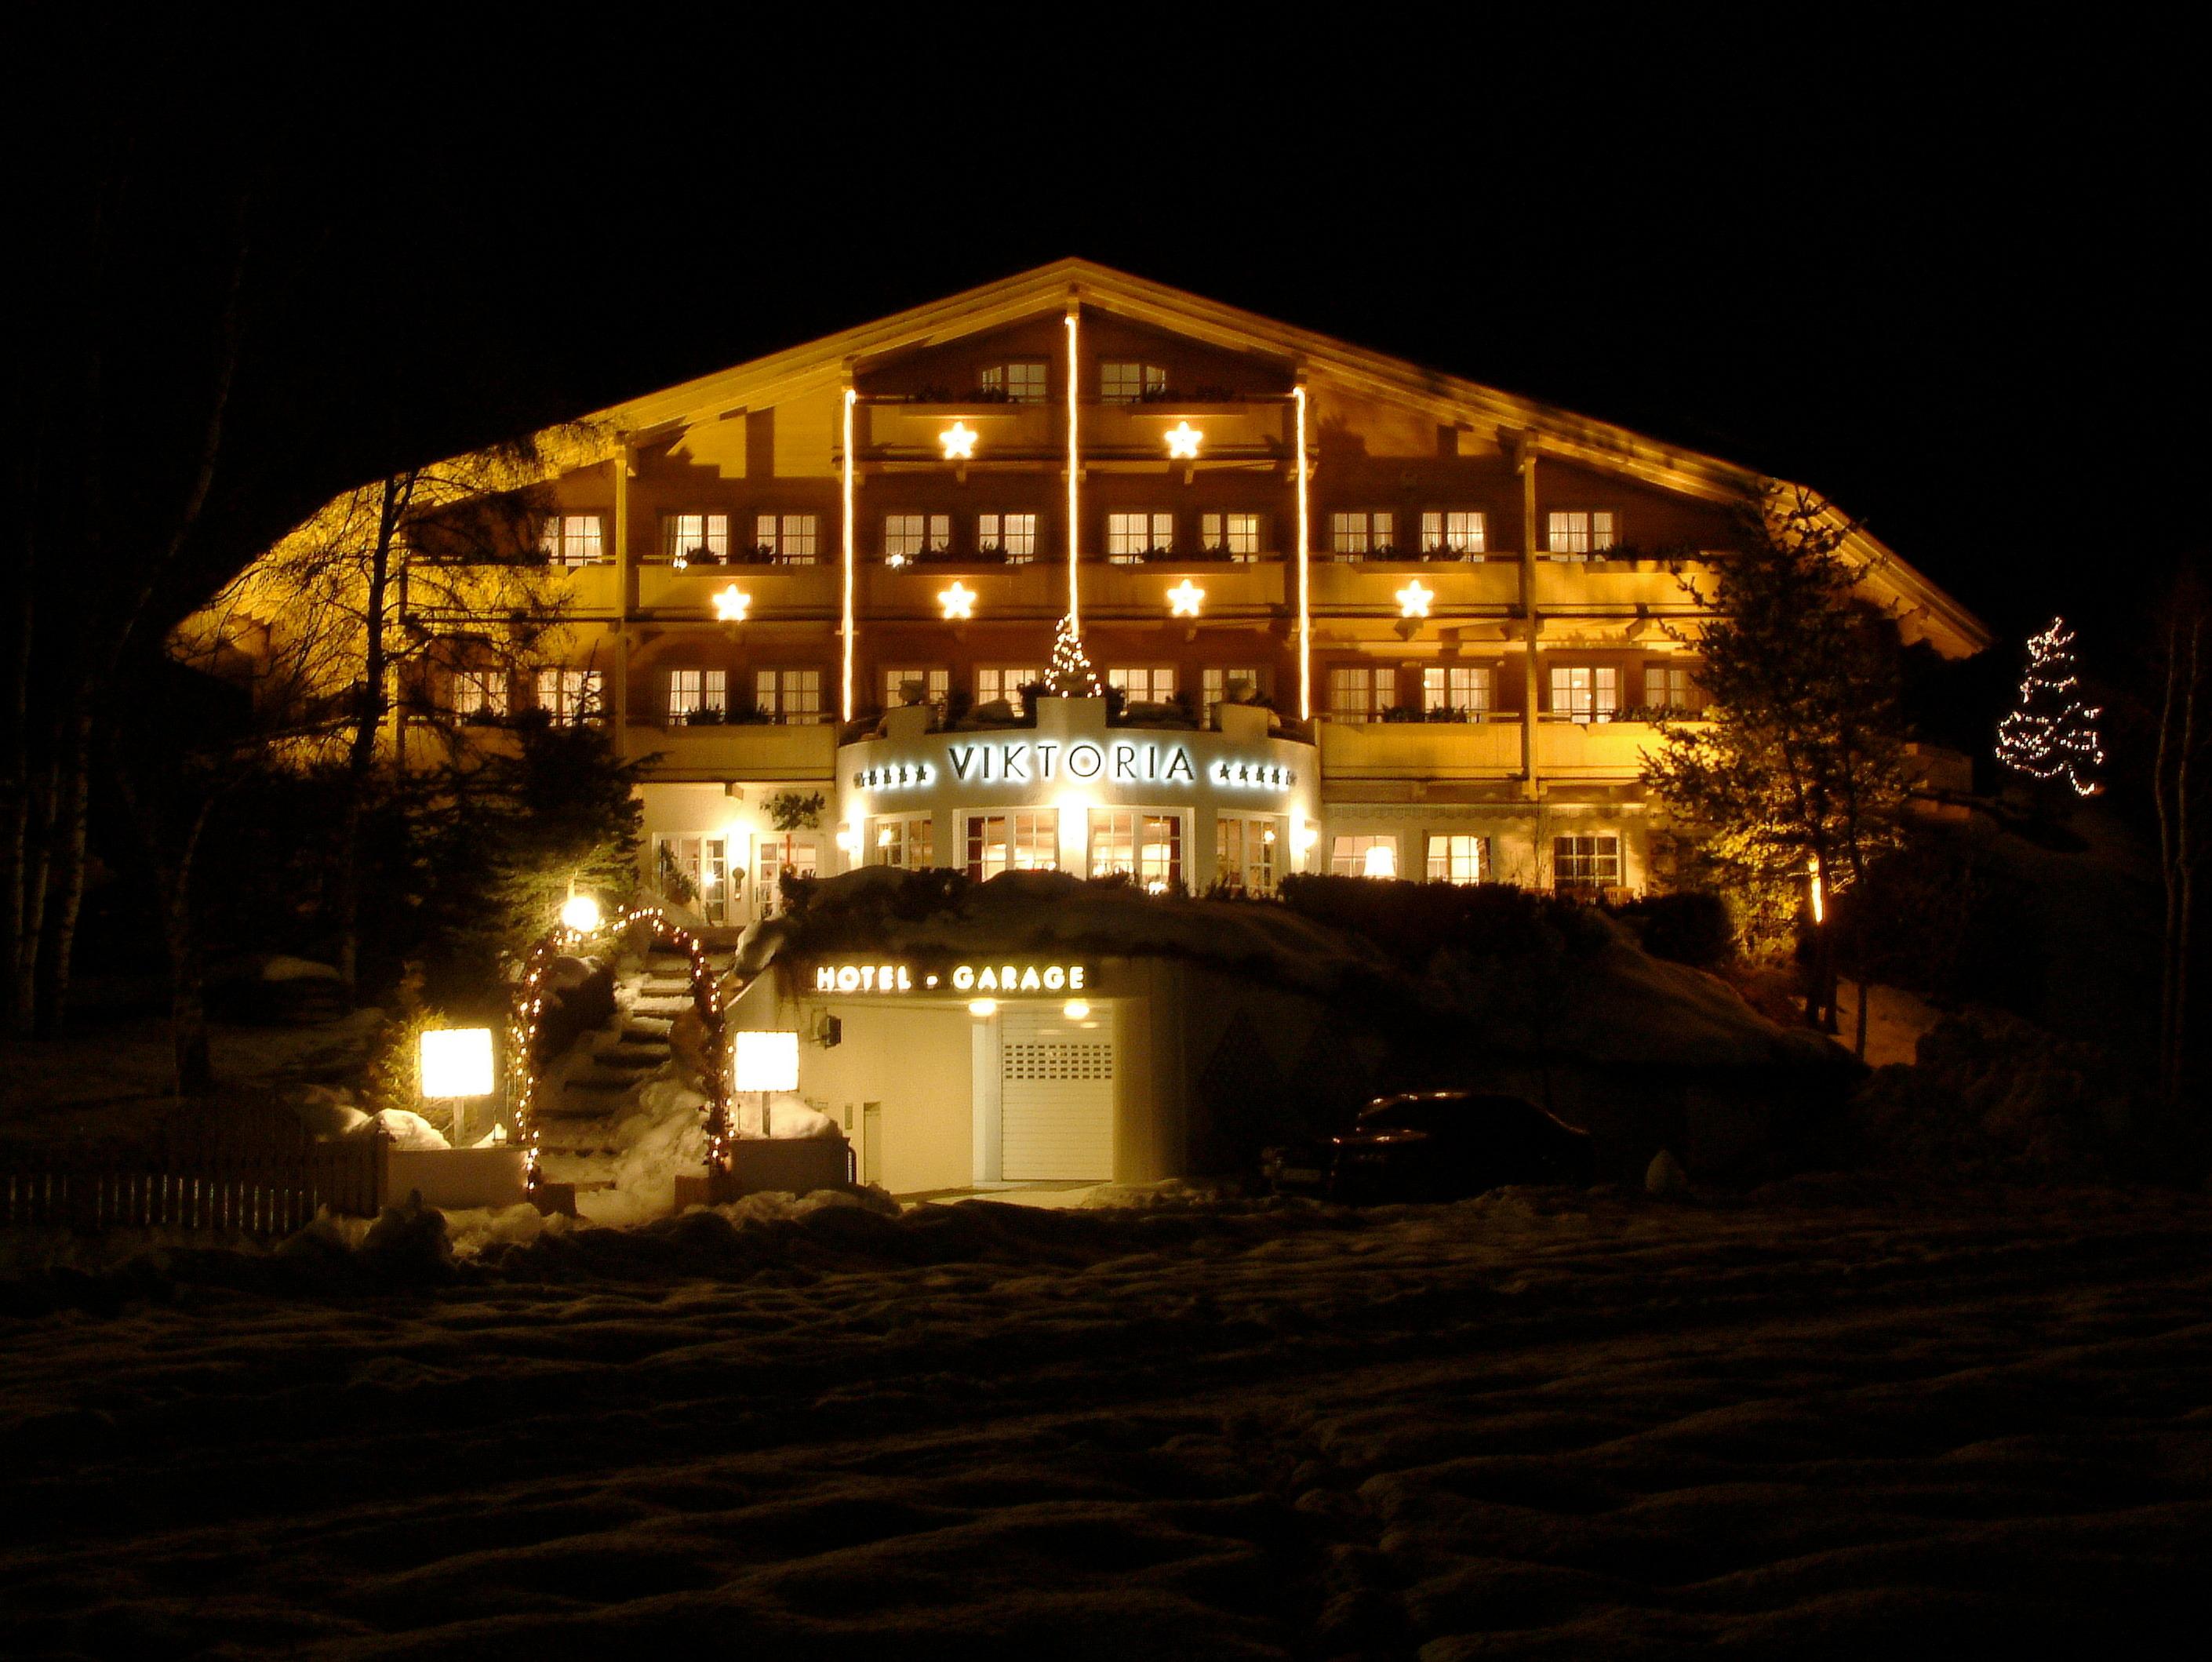 Appartement de vacances A-VITA Viktoria Residenzen Top 8 - KAT. II (2350238), Seefeld in Tirol, Seefeld, Tyrol, Autriche, image 9